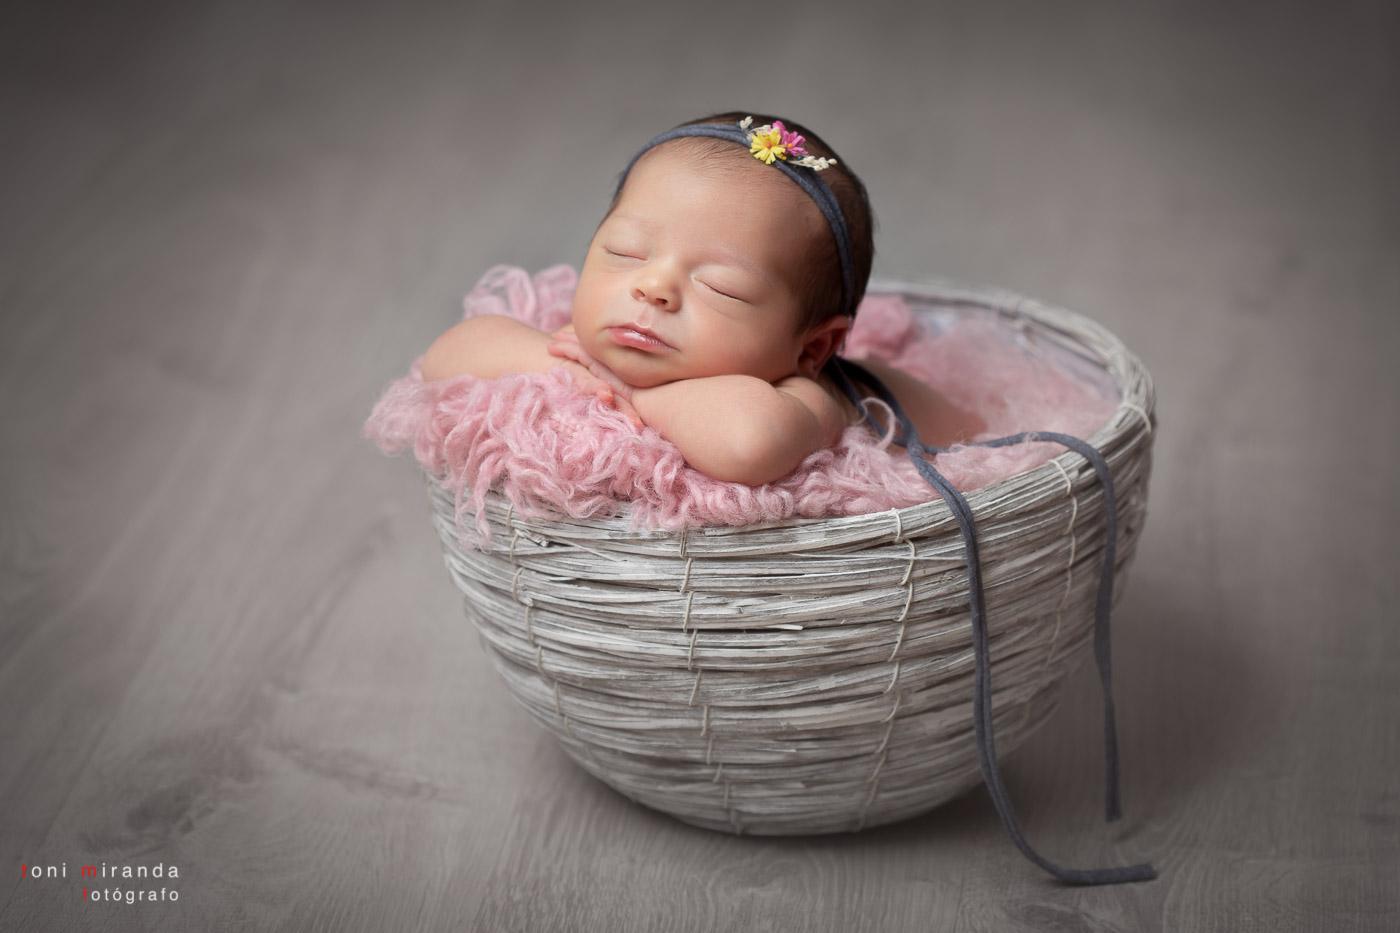 bebe durmiendo en cesta con tocado de flores